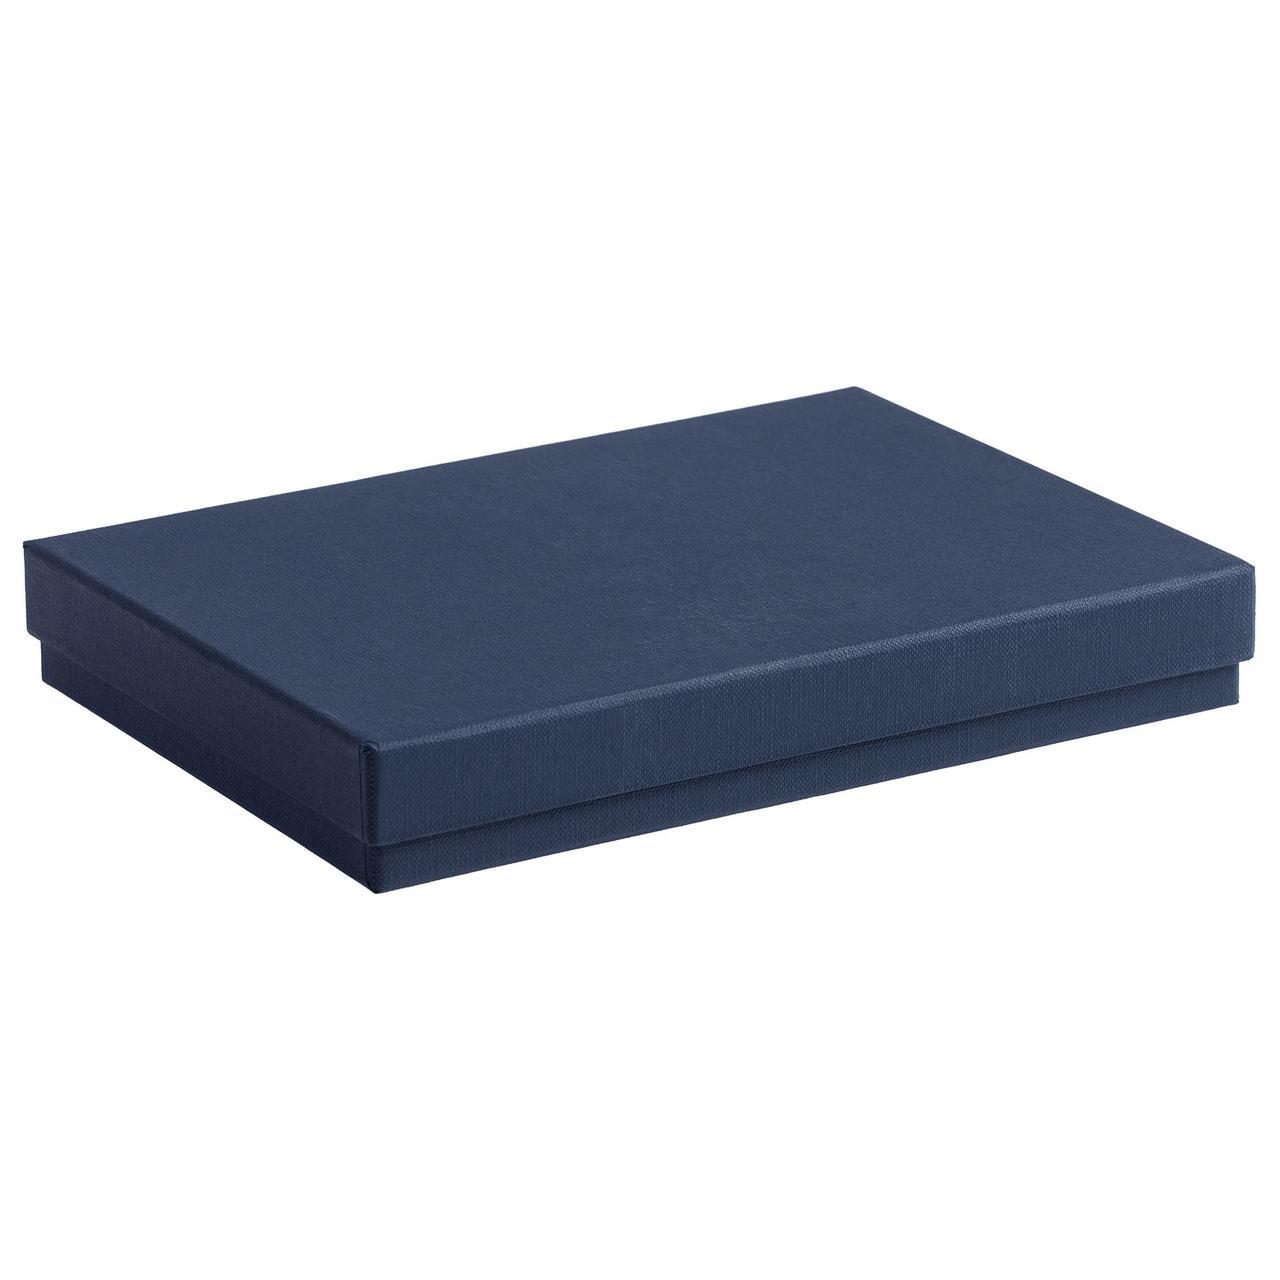 Коробка под ежедневник, синяя (артикул 4858.40)